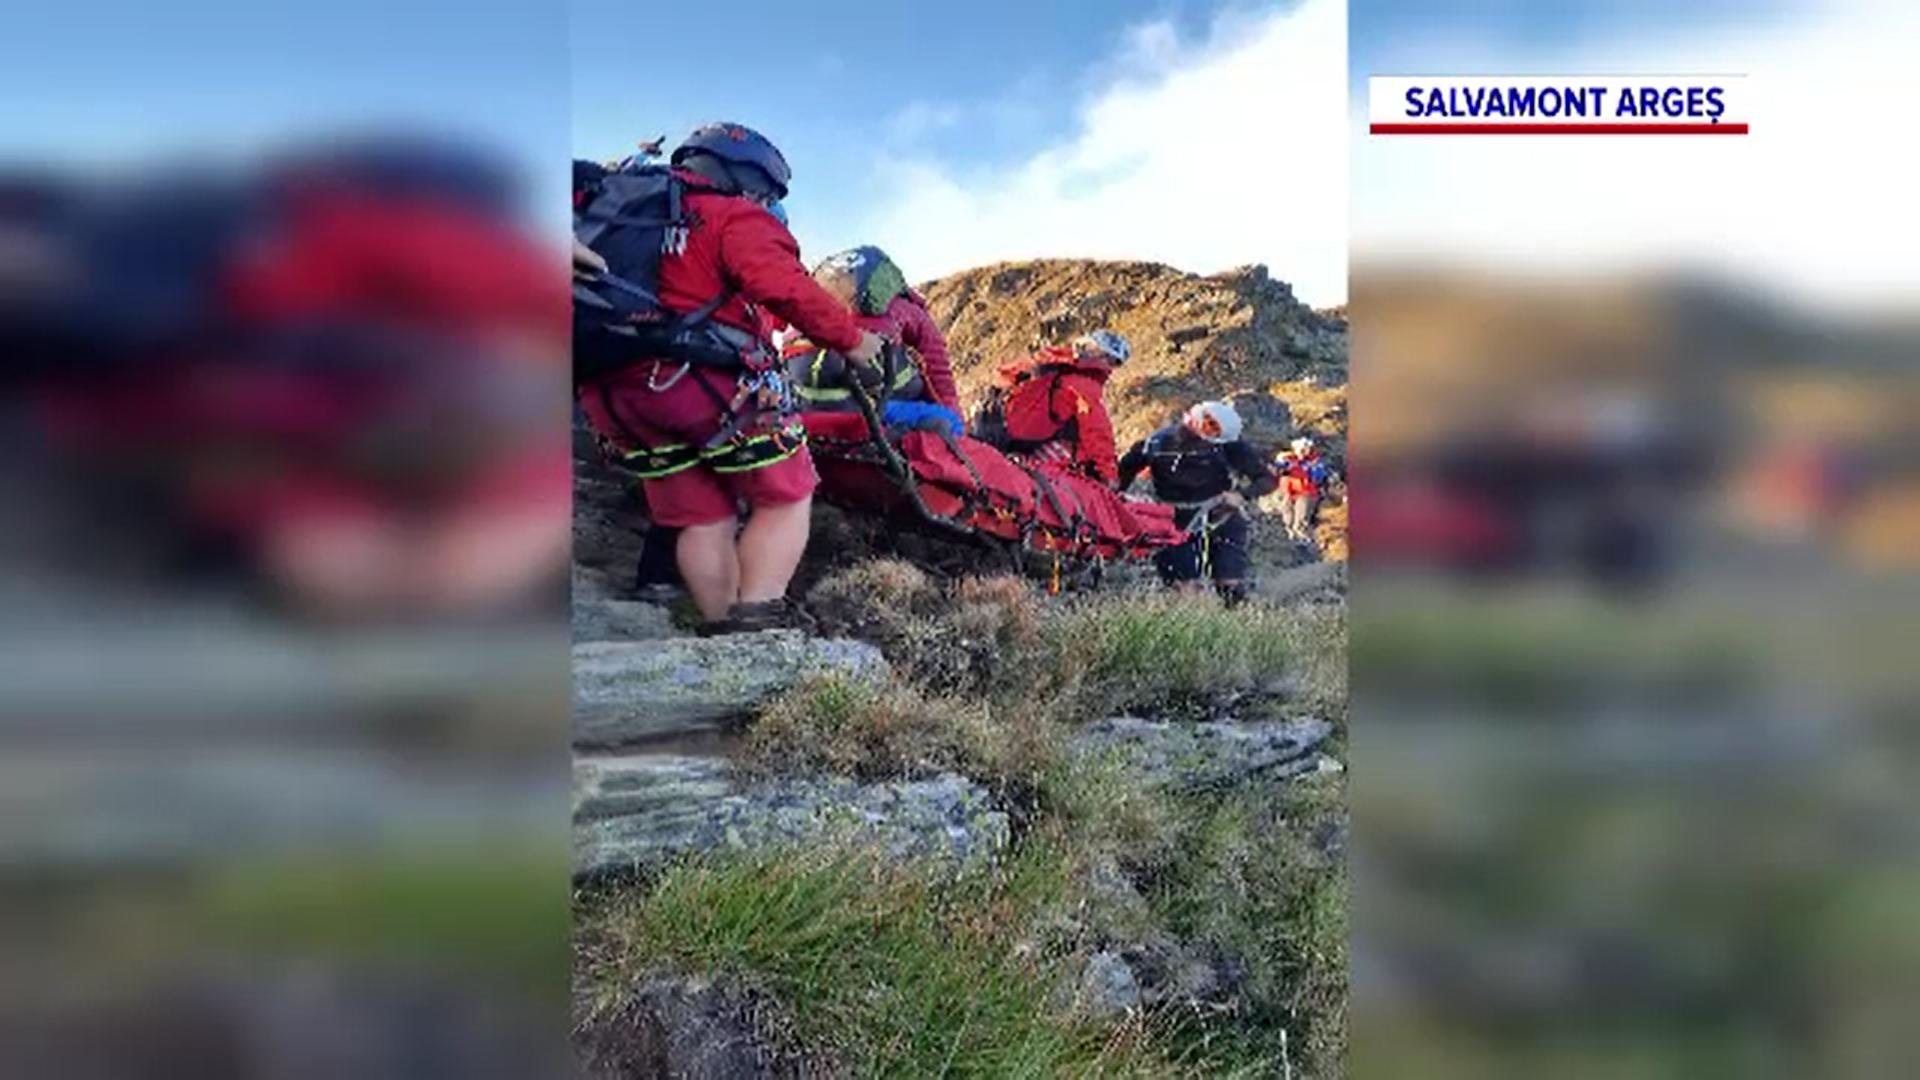 Salvamontiștii au recuperat un belgian care a suferit o fractură pe traseul de creastă al Făgărașului